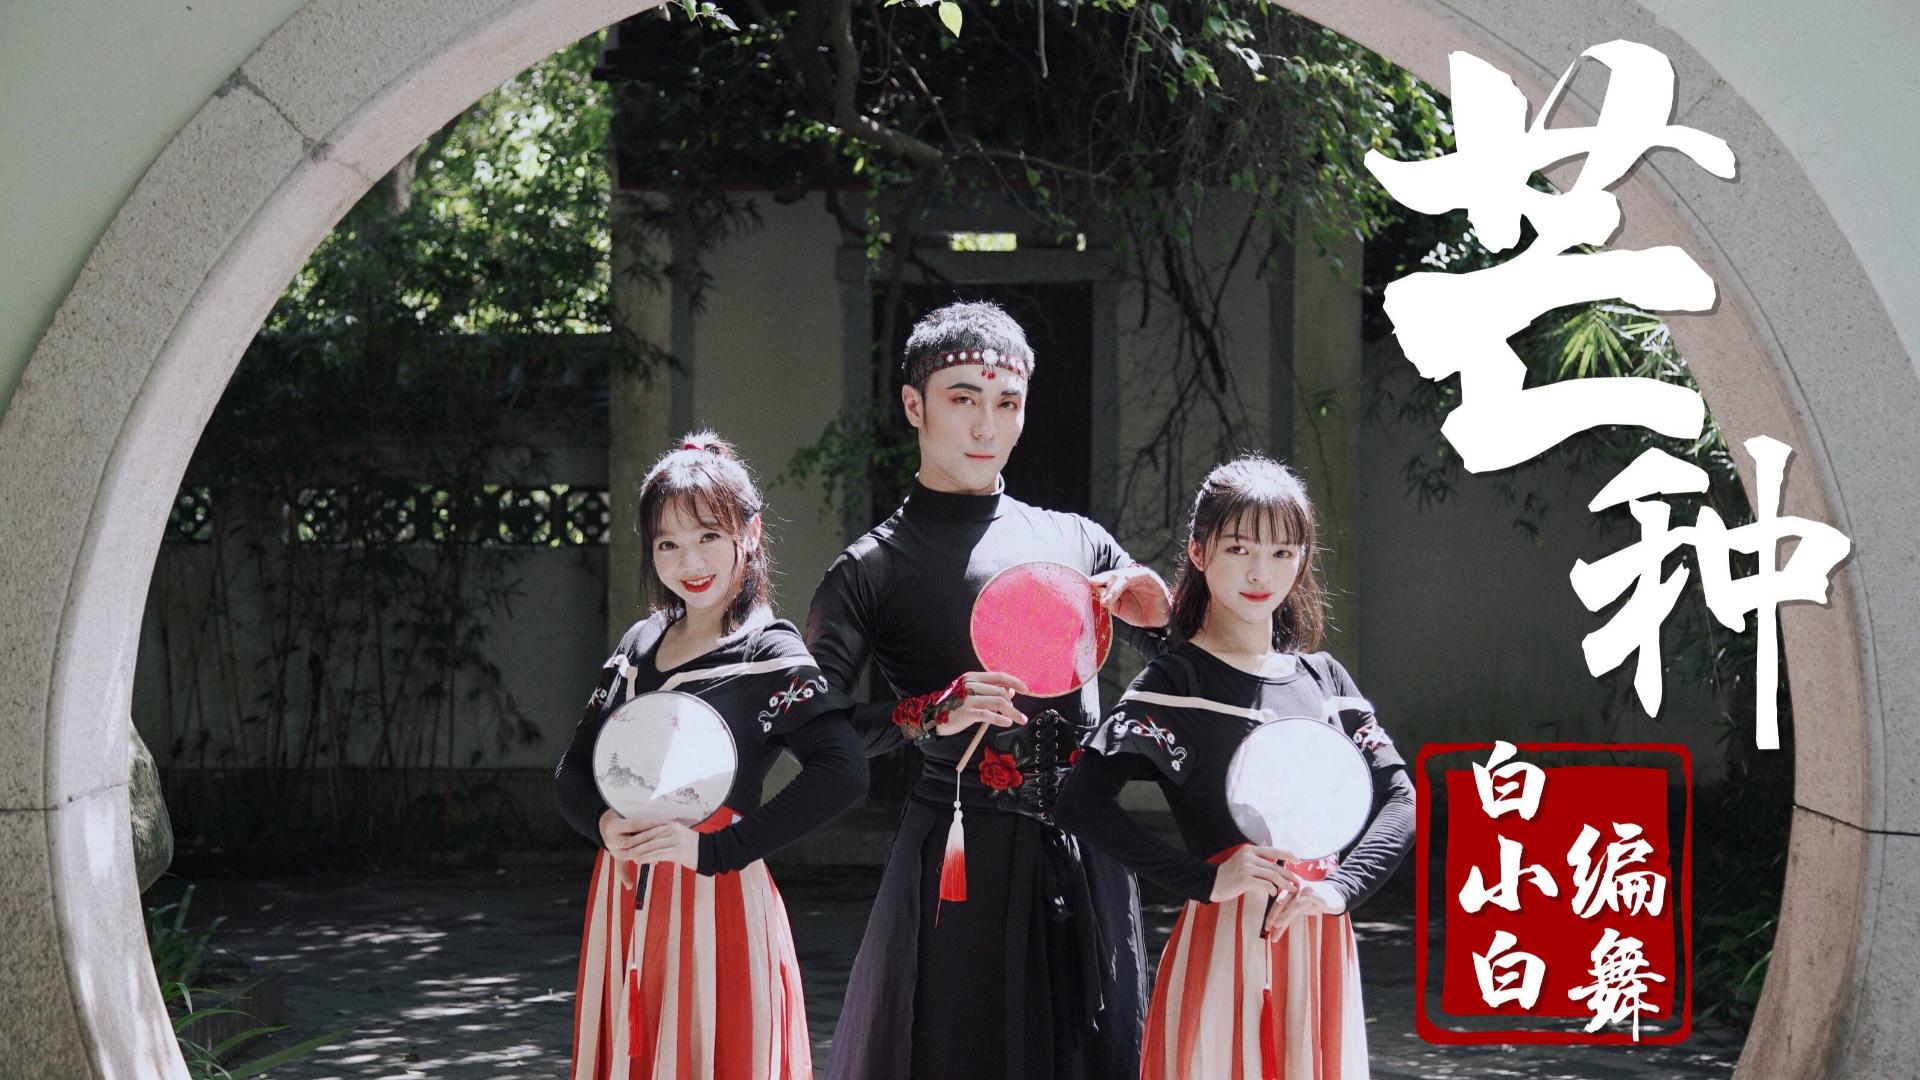 【全盛舞蹈工作室】惊艳四座《芒种》中国风爵士编舞MV